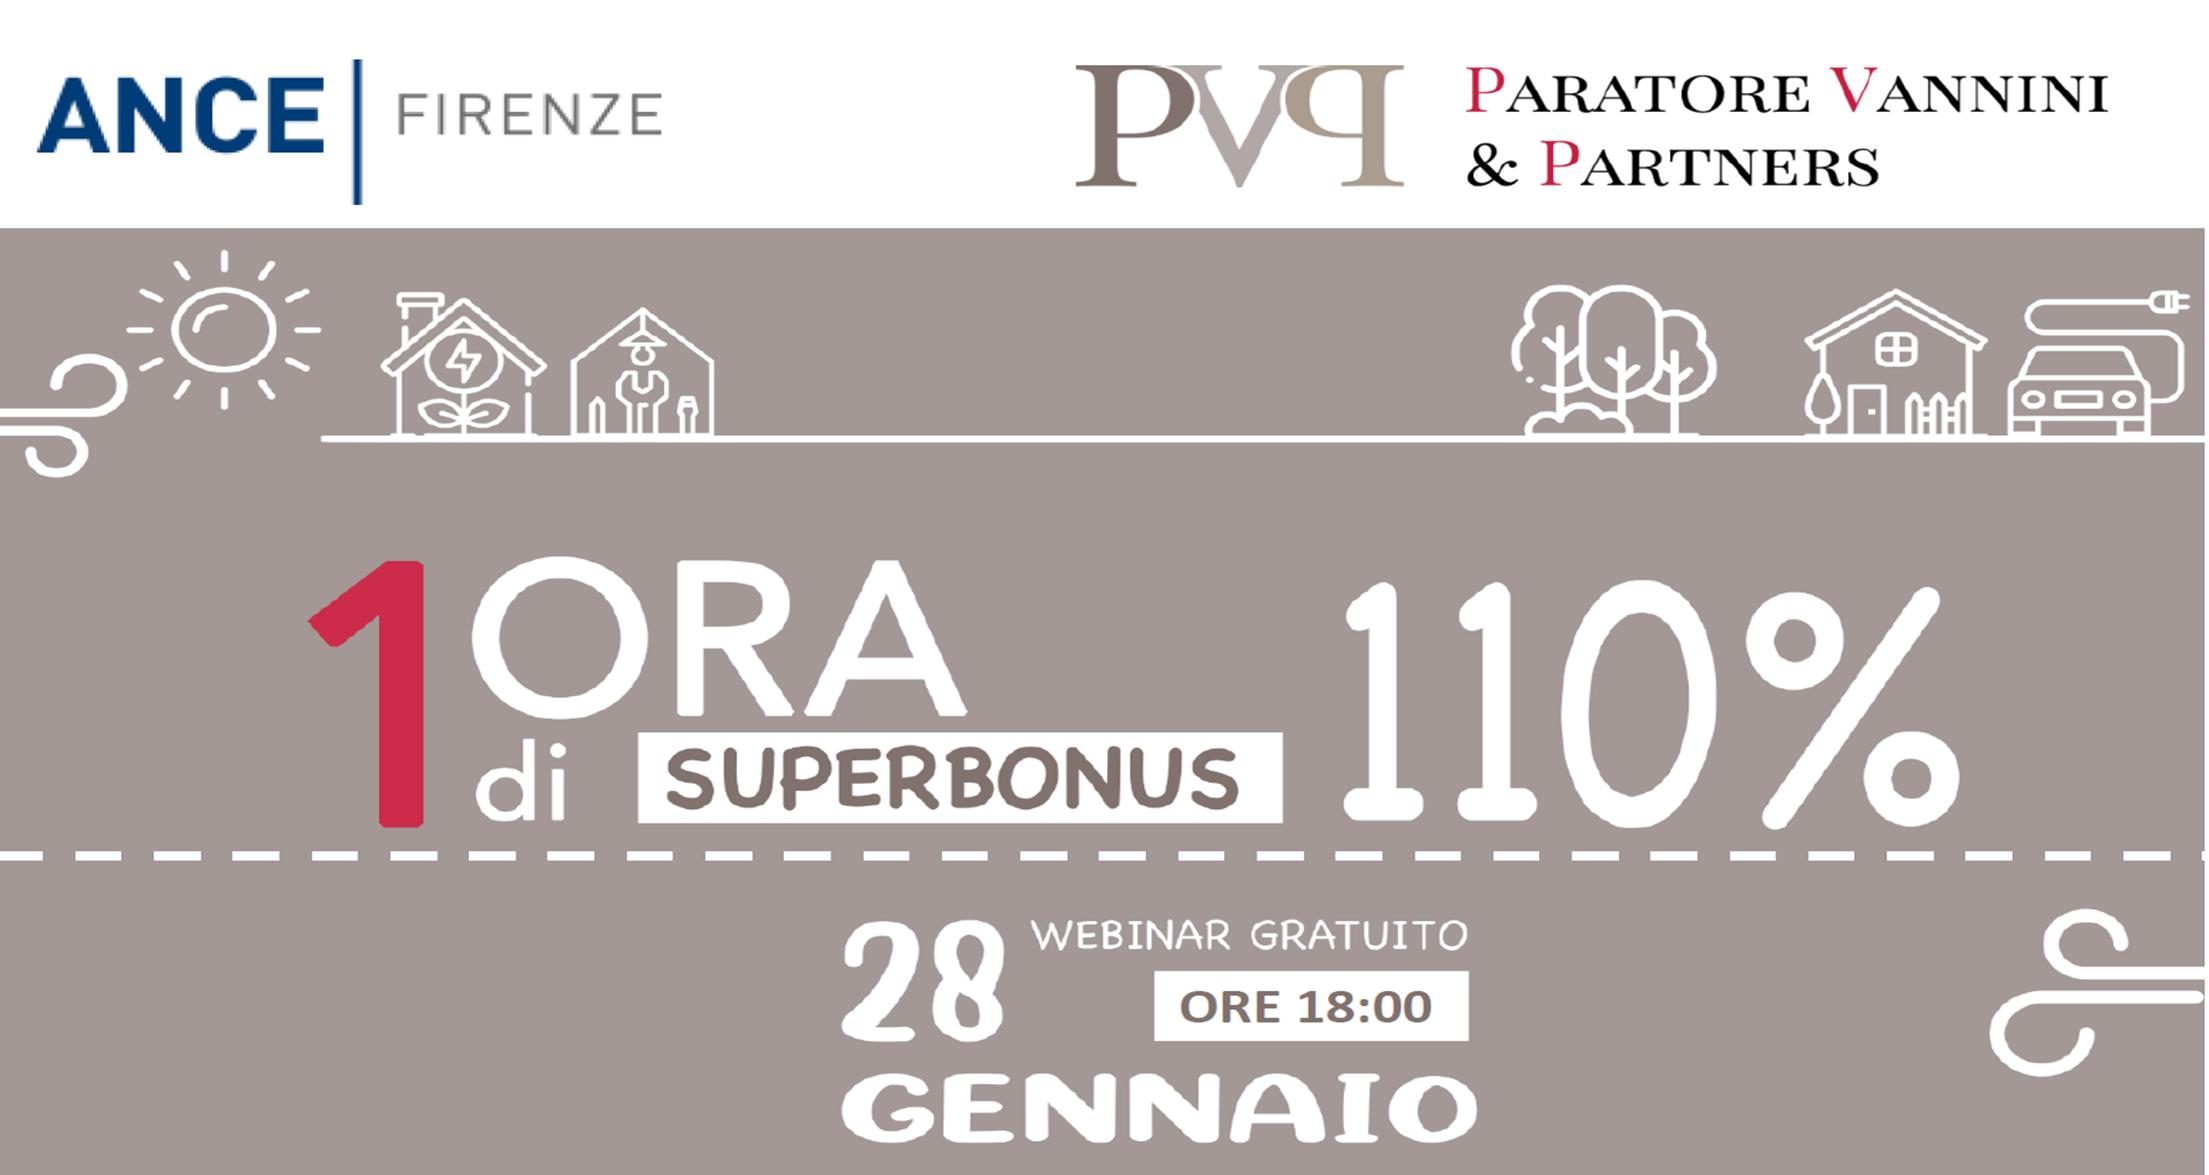 ANCE FIRENZE 1ORA DI 110%-LE NOVITA' NORMATIVE POST LEGGE DI BILANCIO 2021- 28.01.21